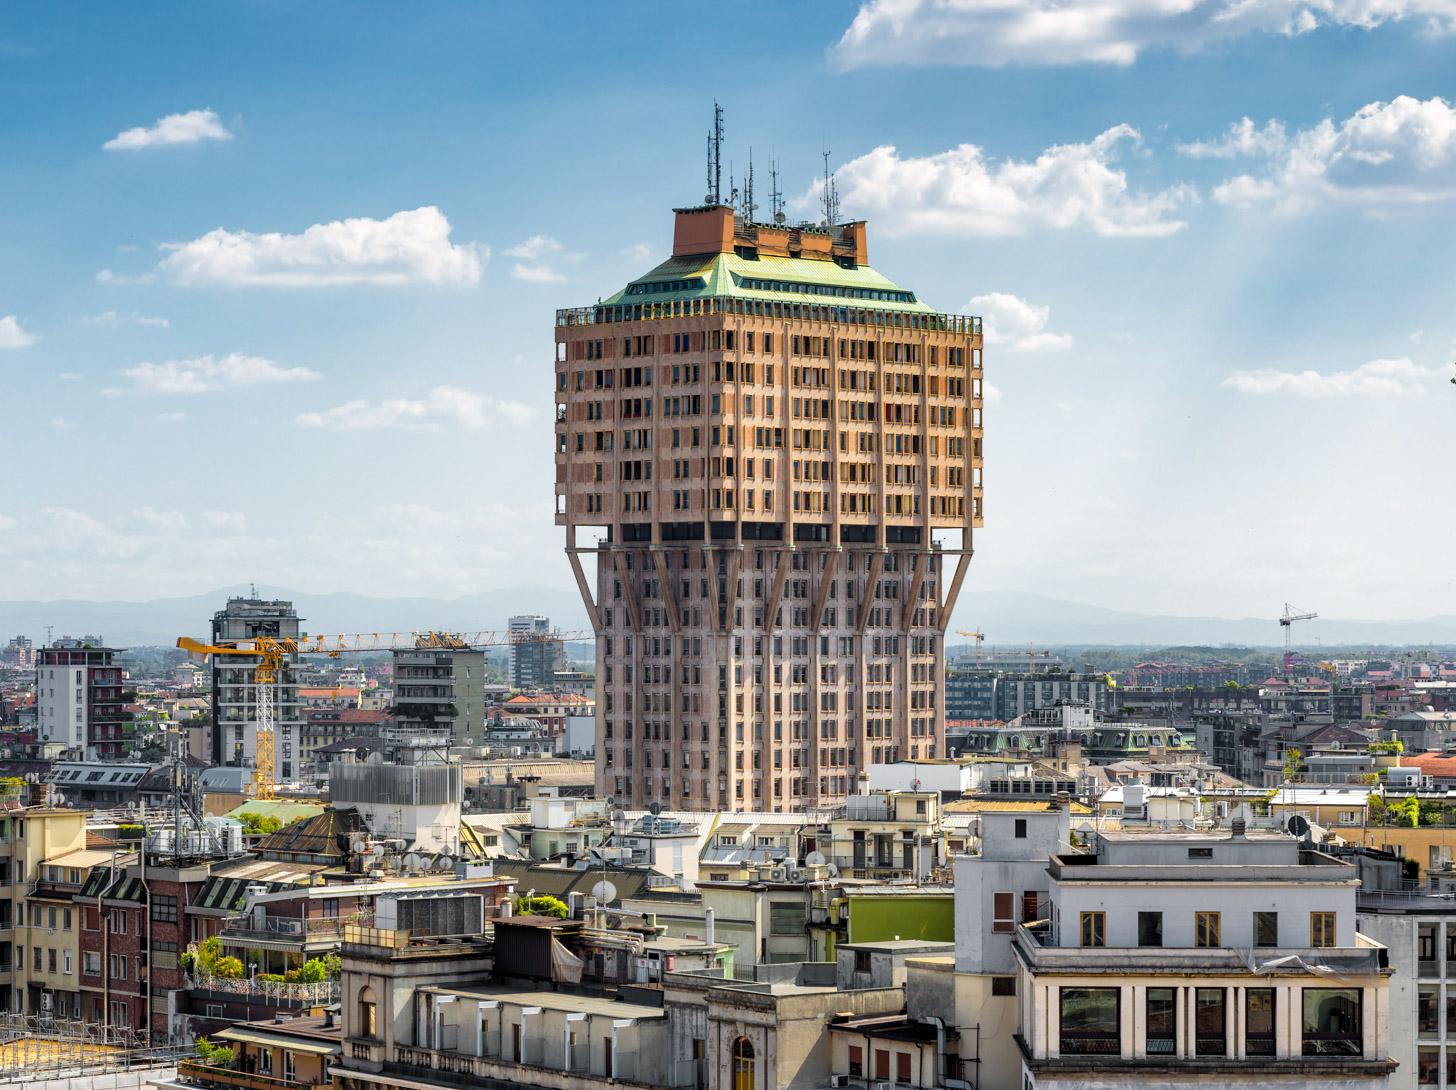 De Torre Velasca torent boven de rest van de gebouwen uit.